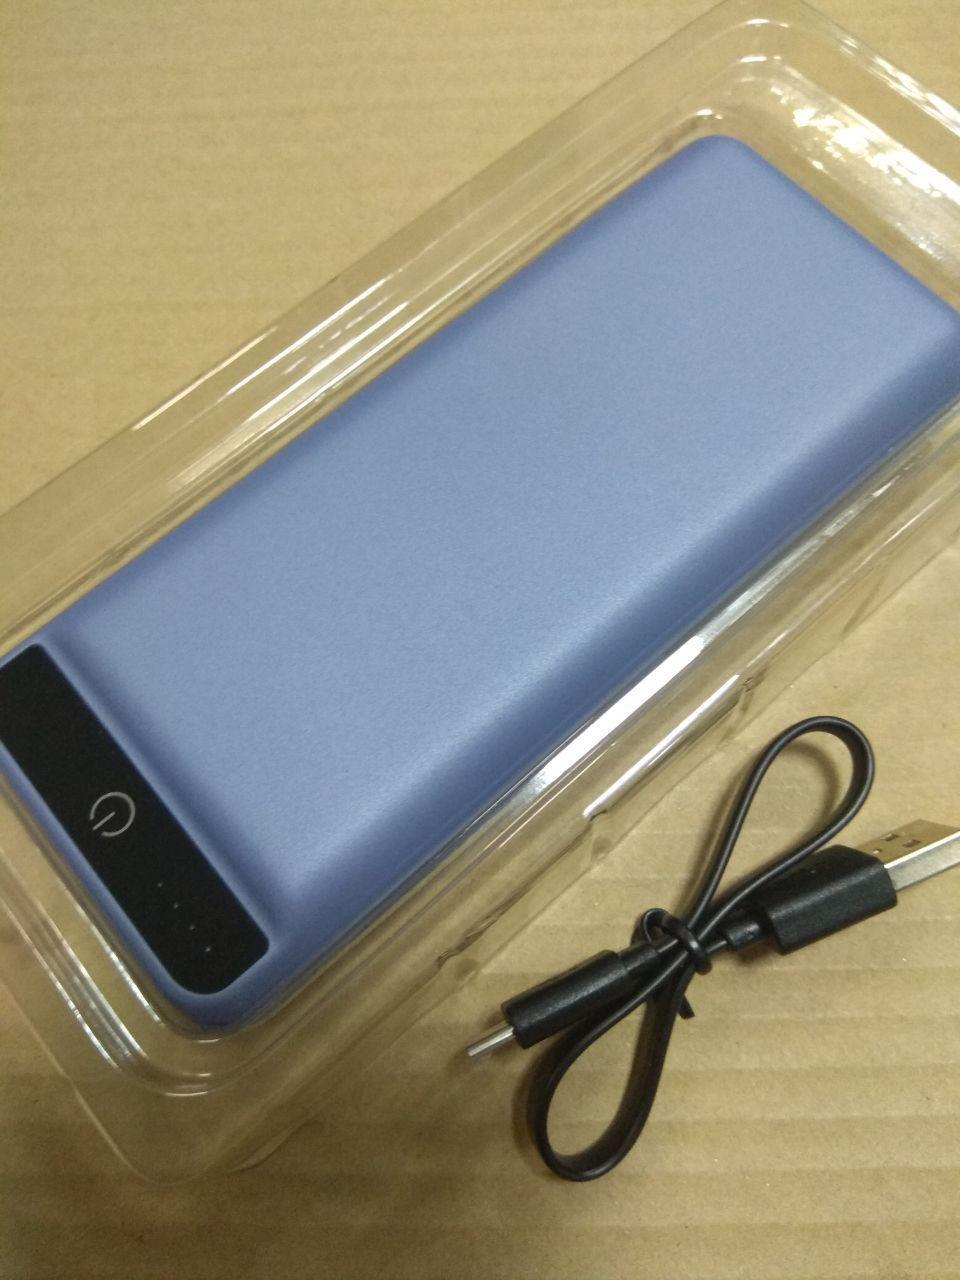 УМБ Power Bank 2E 20000mAh Blue Soft Touch Гарантия 12 месяцев